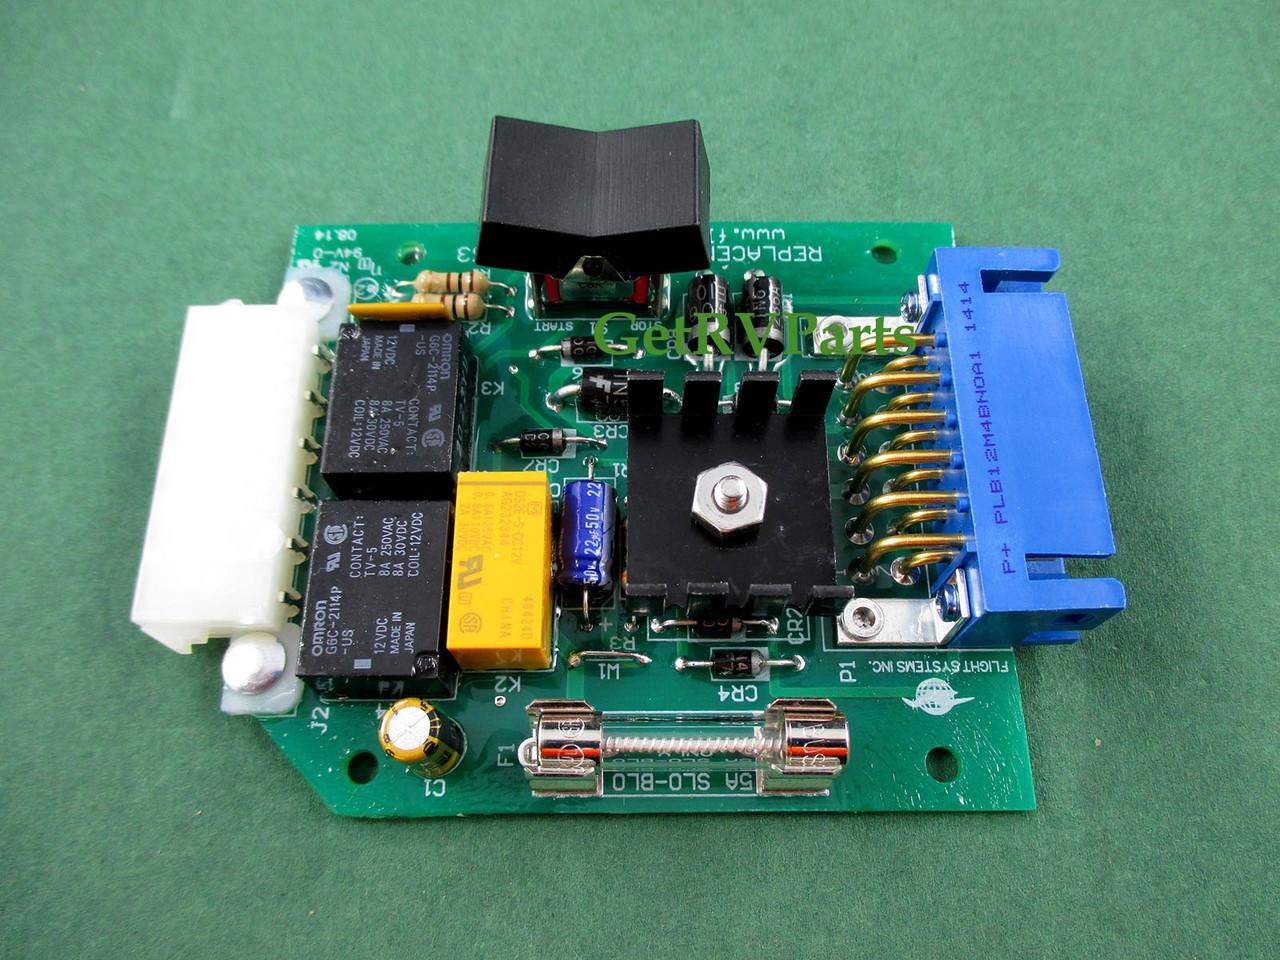 medium resolution of onan aftermarket 300 3763 01 generator circuit board by flight systems rh getrvparts com onan generator manual onan generator troubleshooting